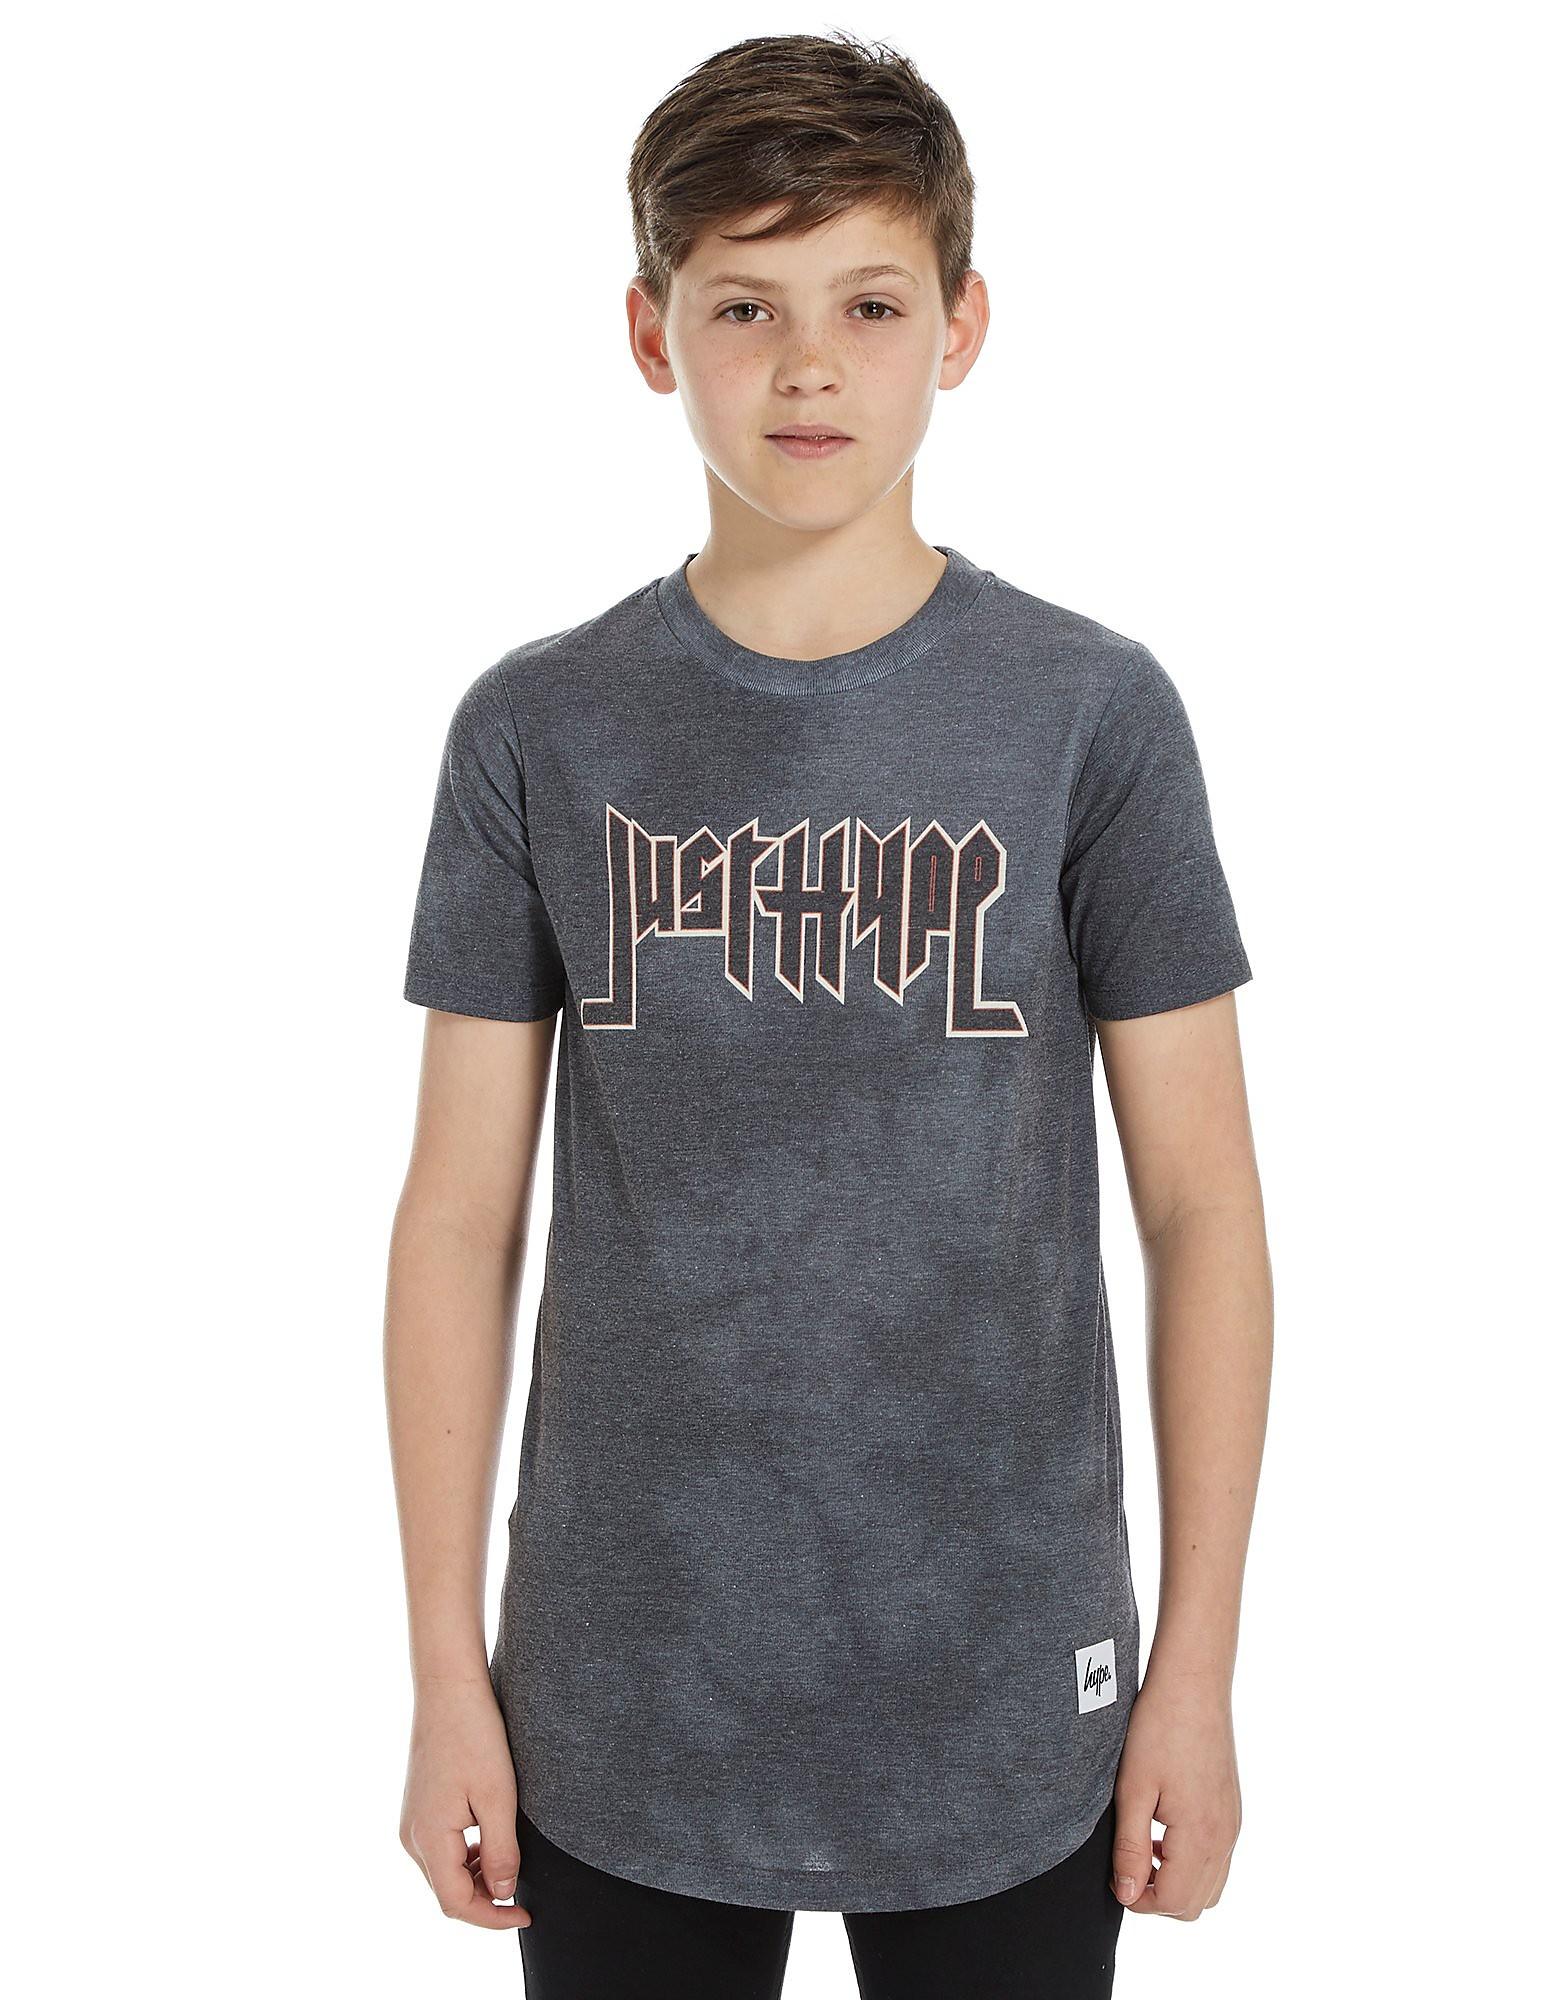 Hype Rock T-Shirt Junior